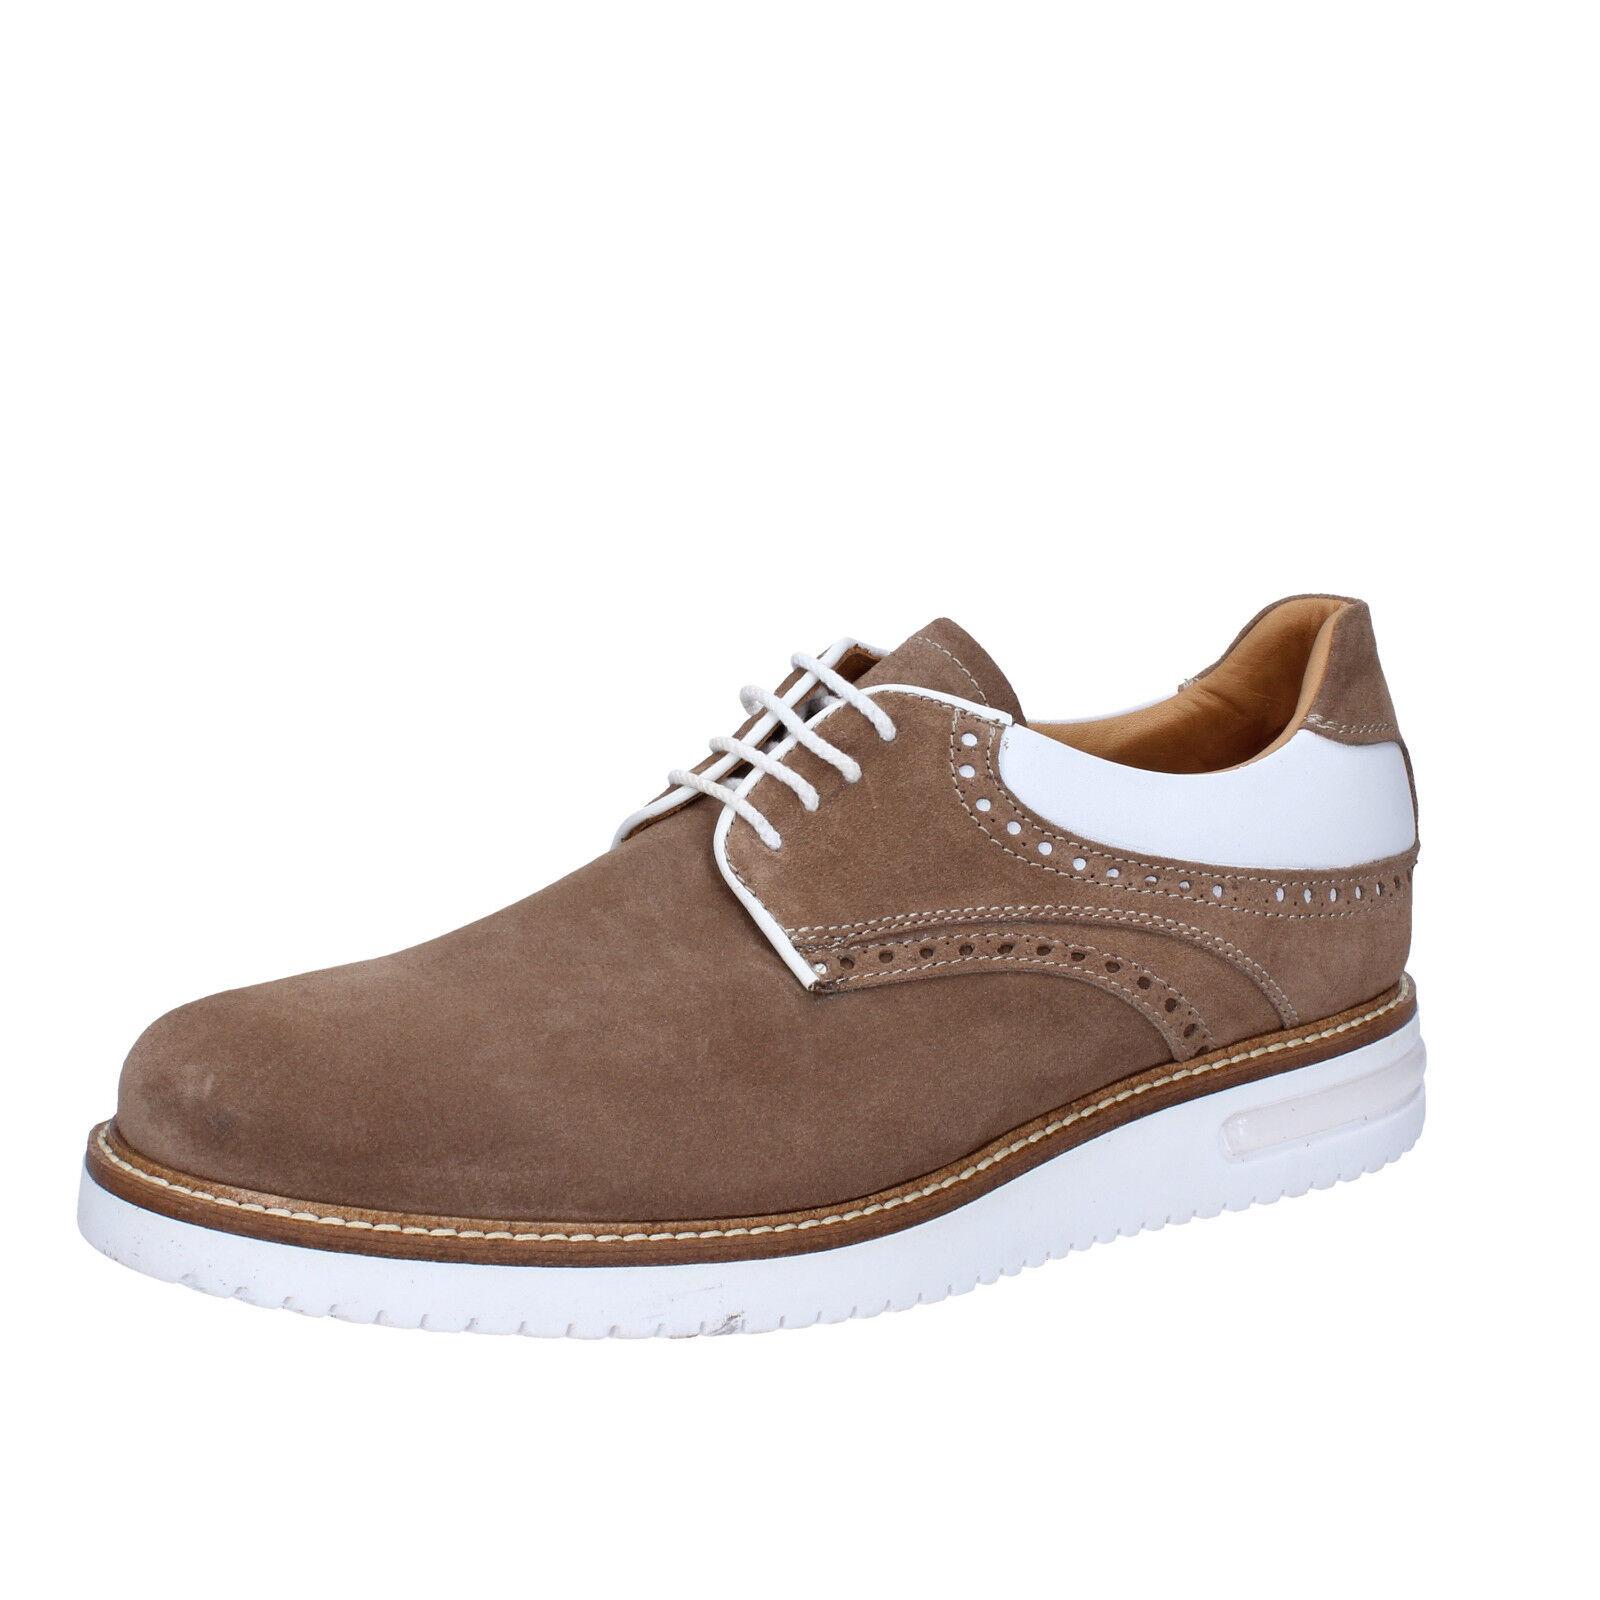 Men's shoes FDF SHOES 9 (EU 42) elegant brown suede leather BZ356-C